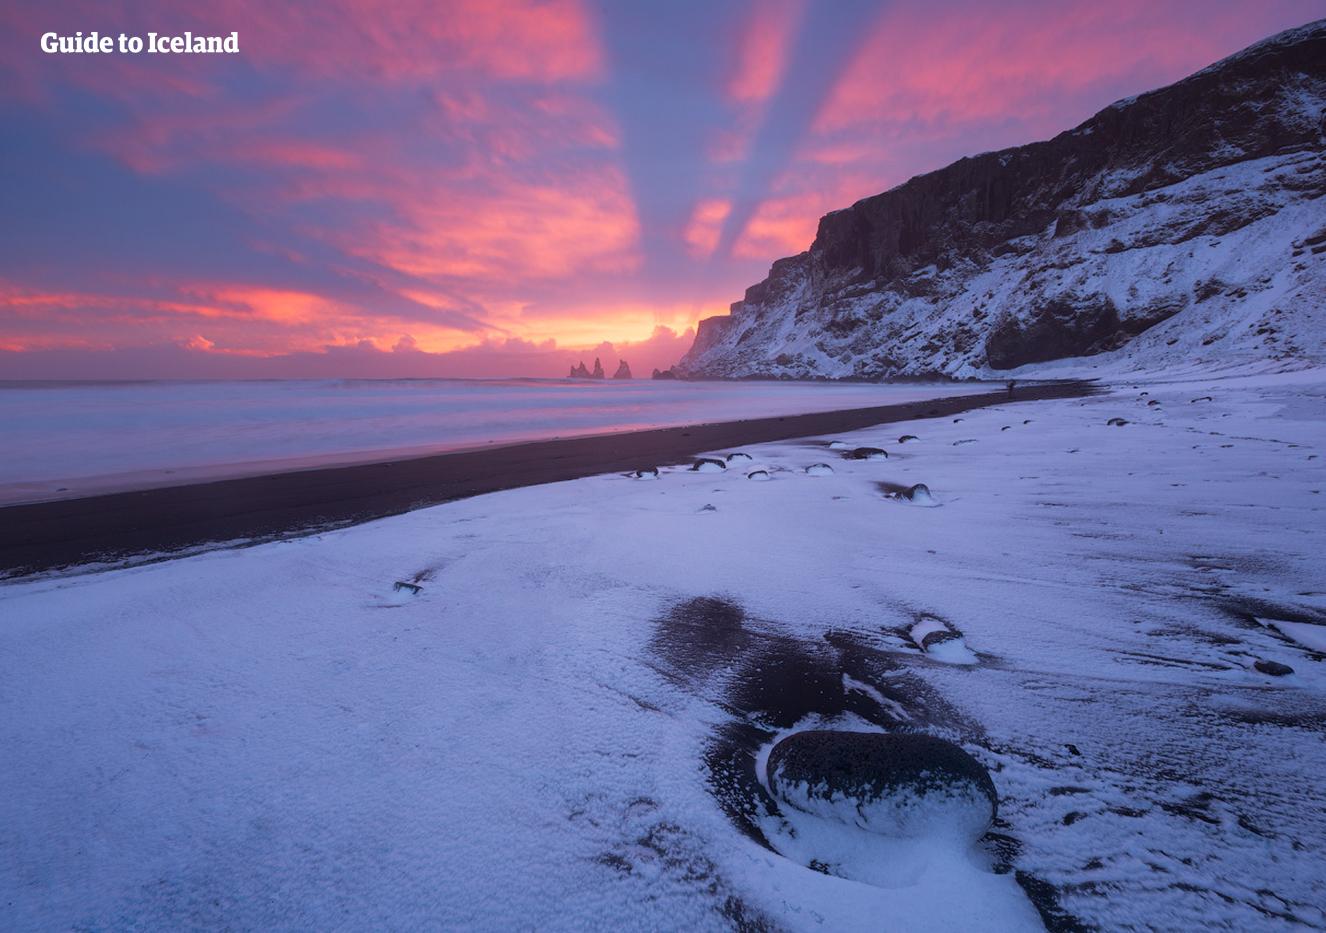 9-дневный зимний автотур | Полуостров Снайфелльснес, Южное побережье, ледниковая пещера - day 7